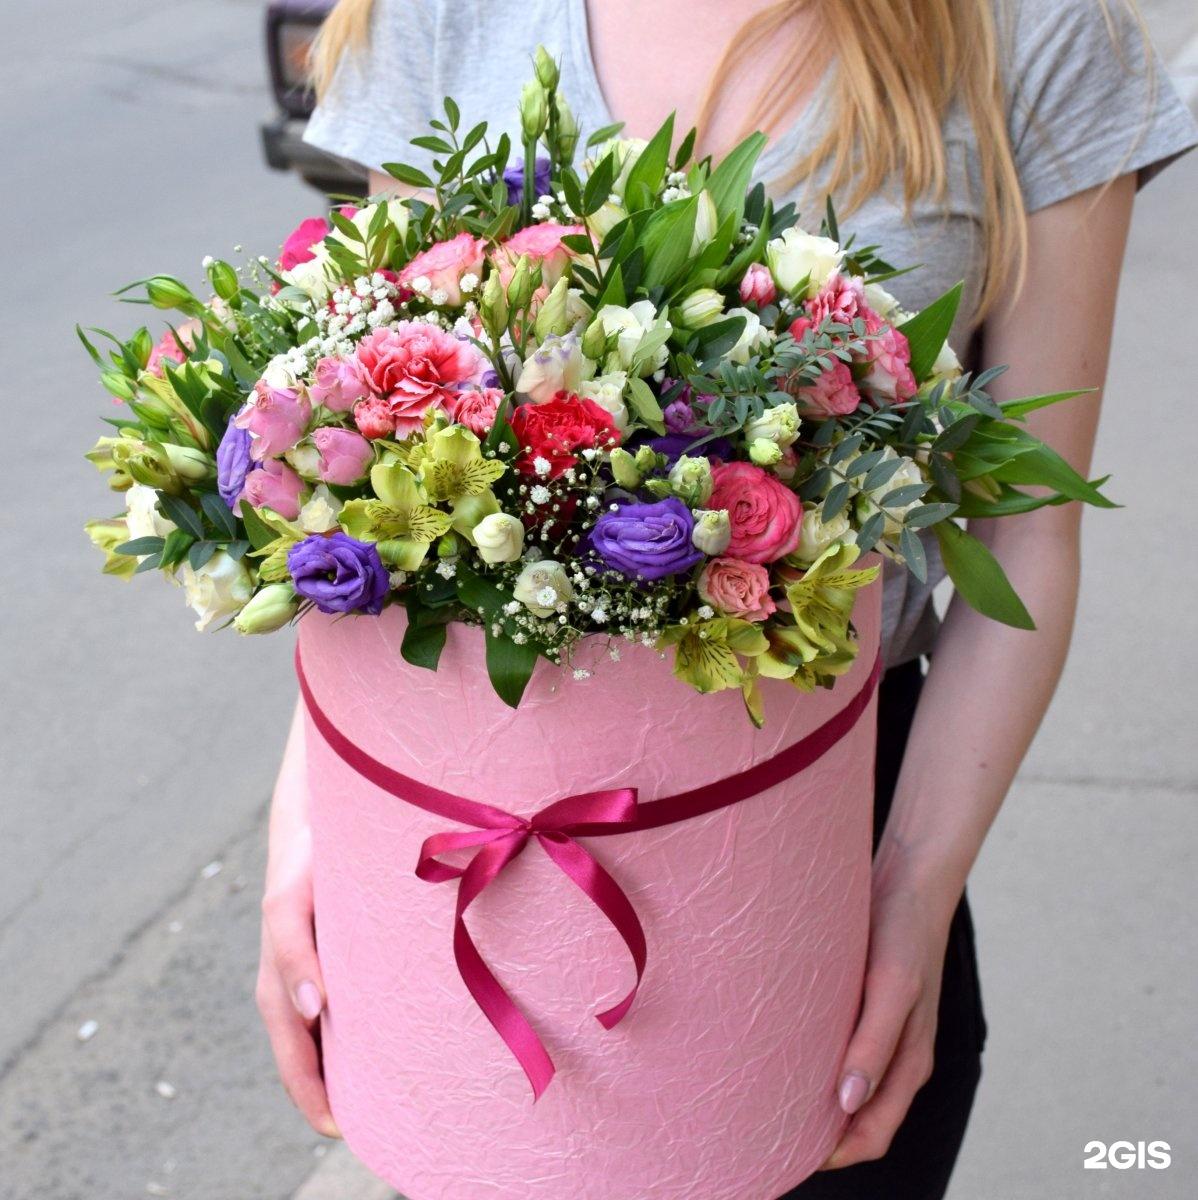 Живых цветов, доставка цветов из другой страны в спб 2016